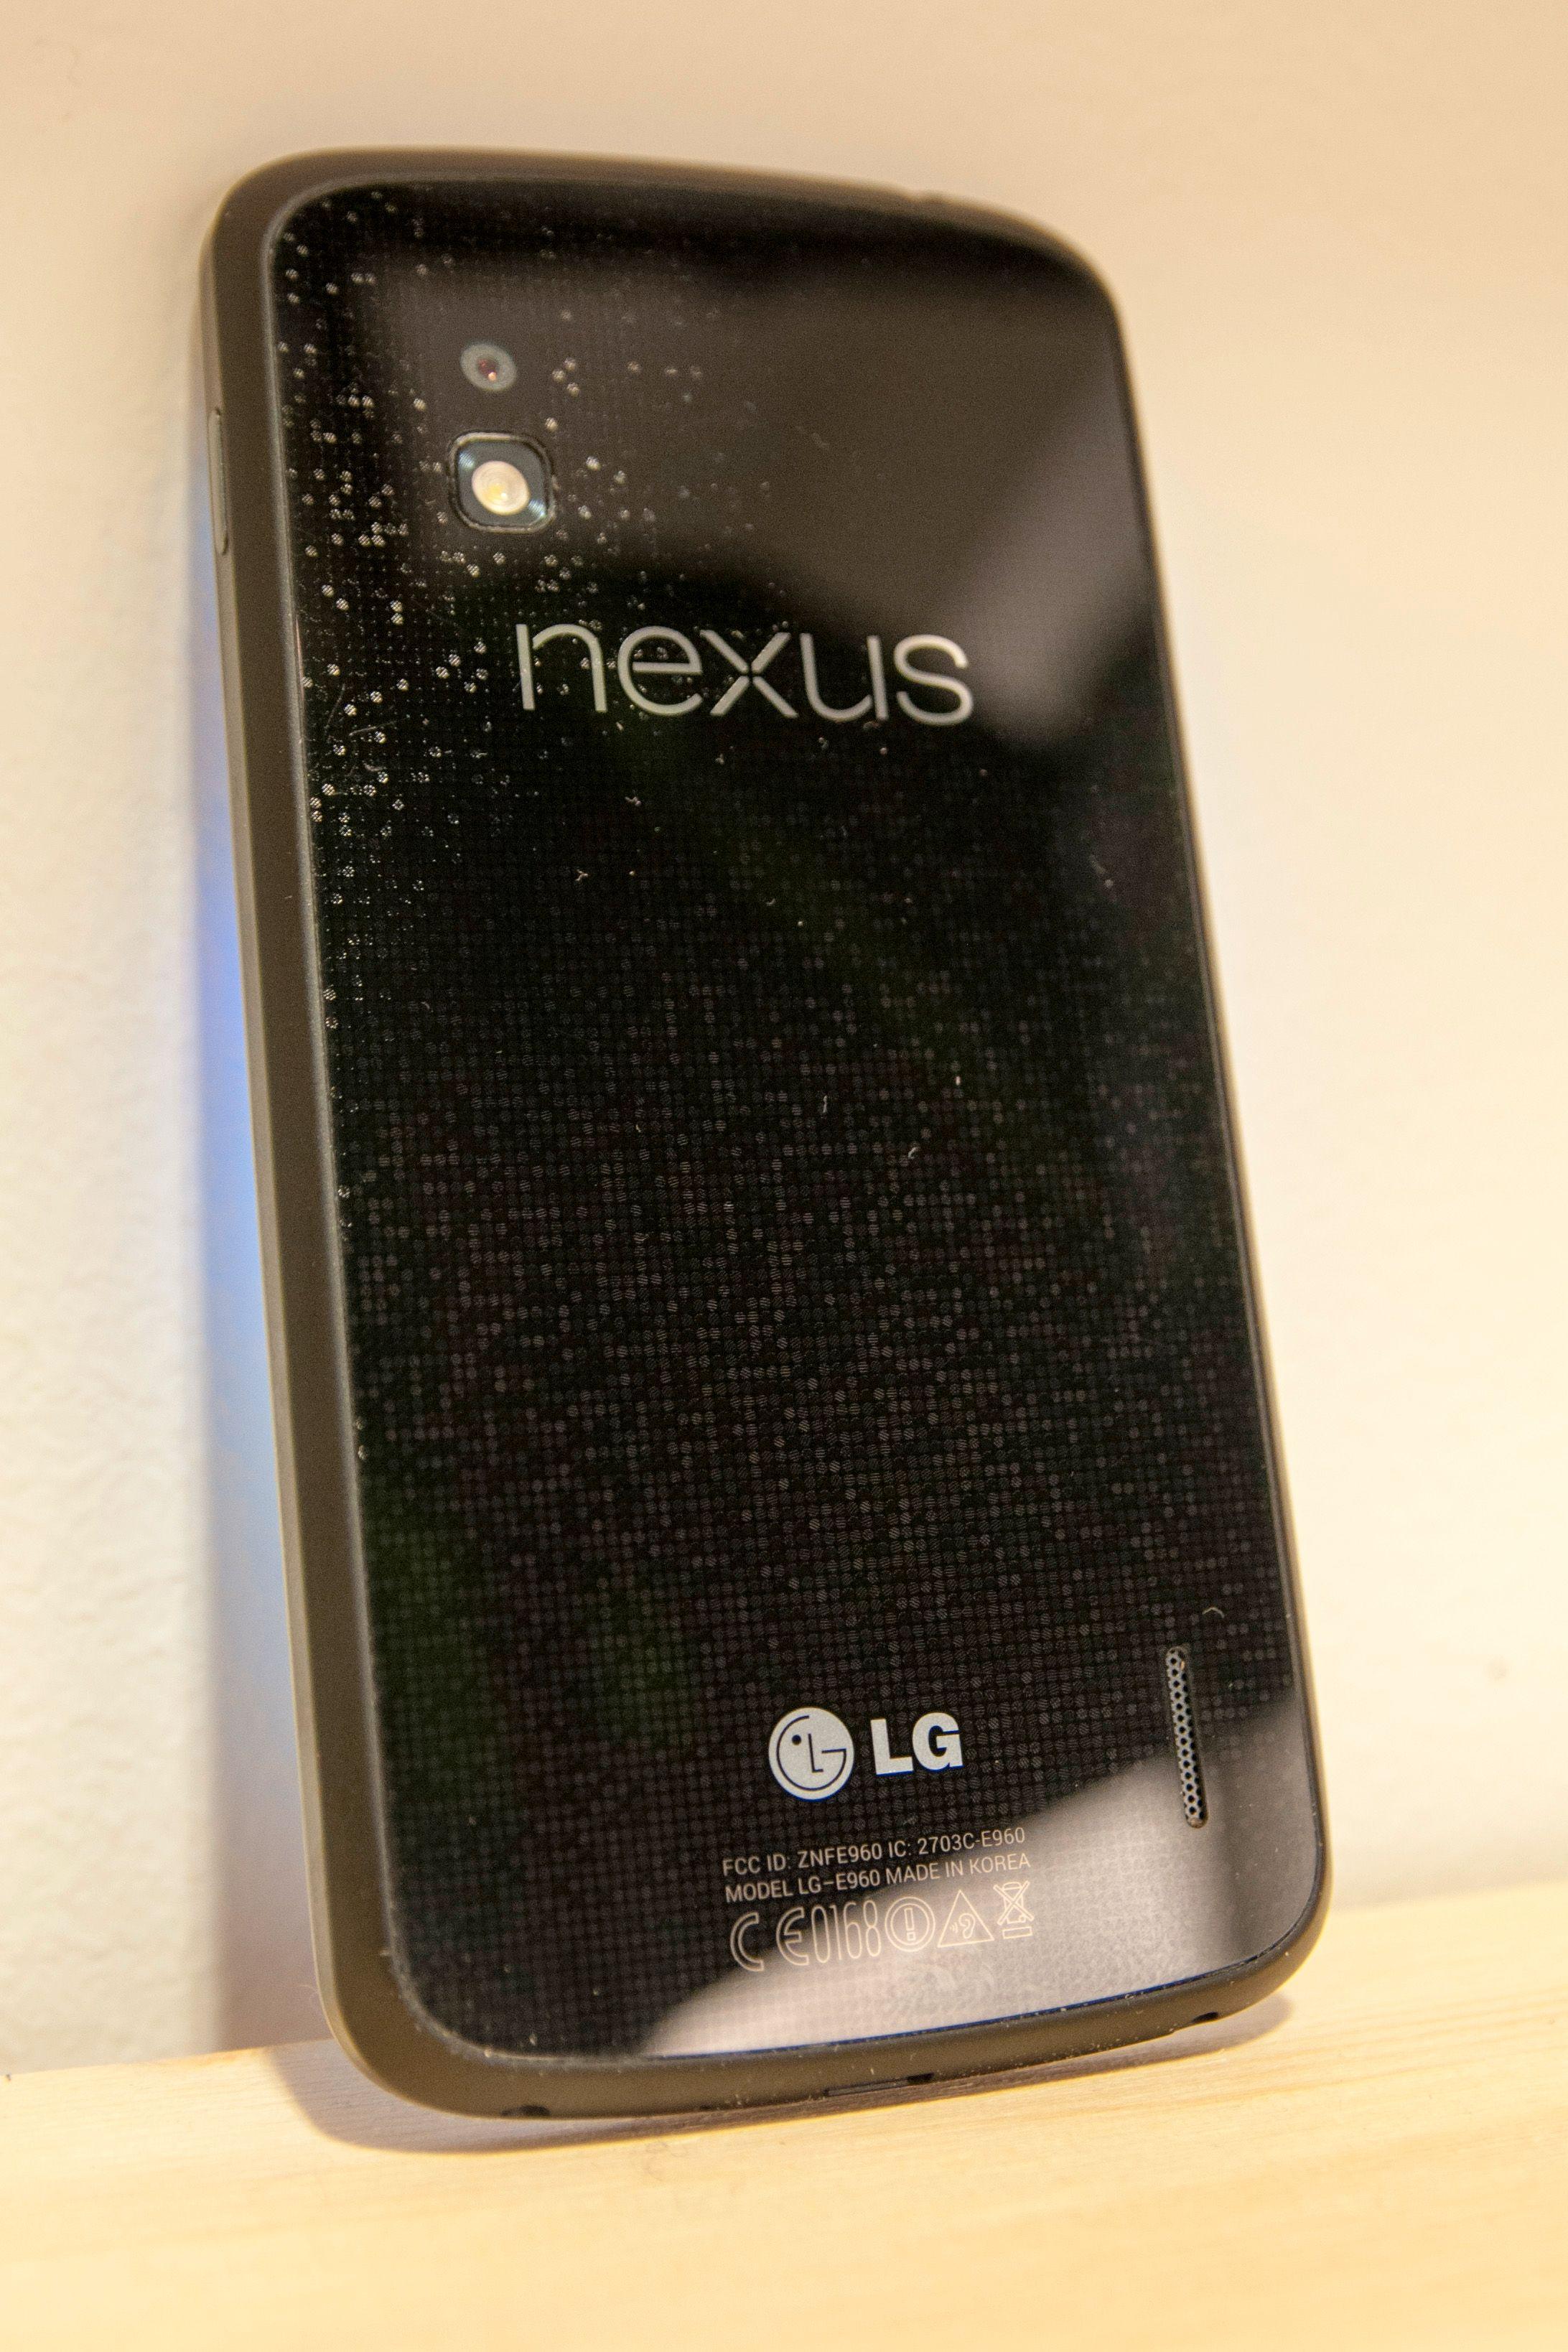 Baksiden av LG Nexus 4 er i glass, med et spraglete mønster som reflekterer lyset forskjellig alt etter hvordan du holder den.Foto: Finn Jarle Kvalheim, Amobil.no